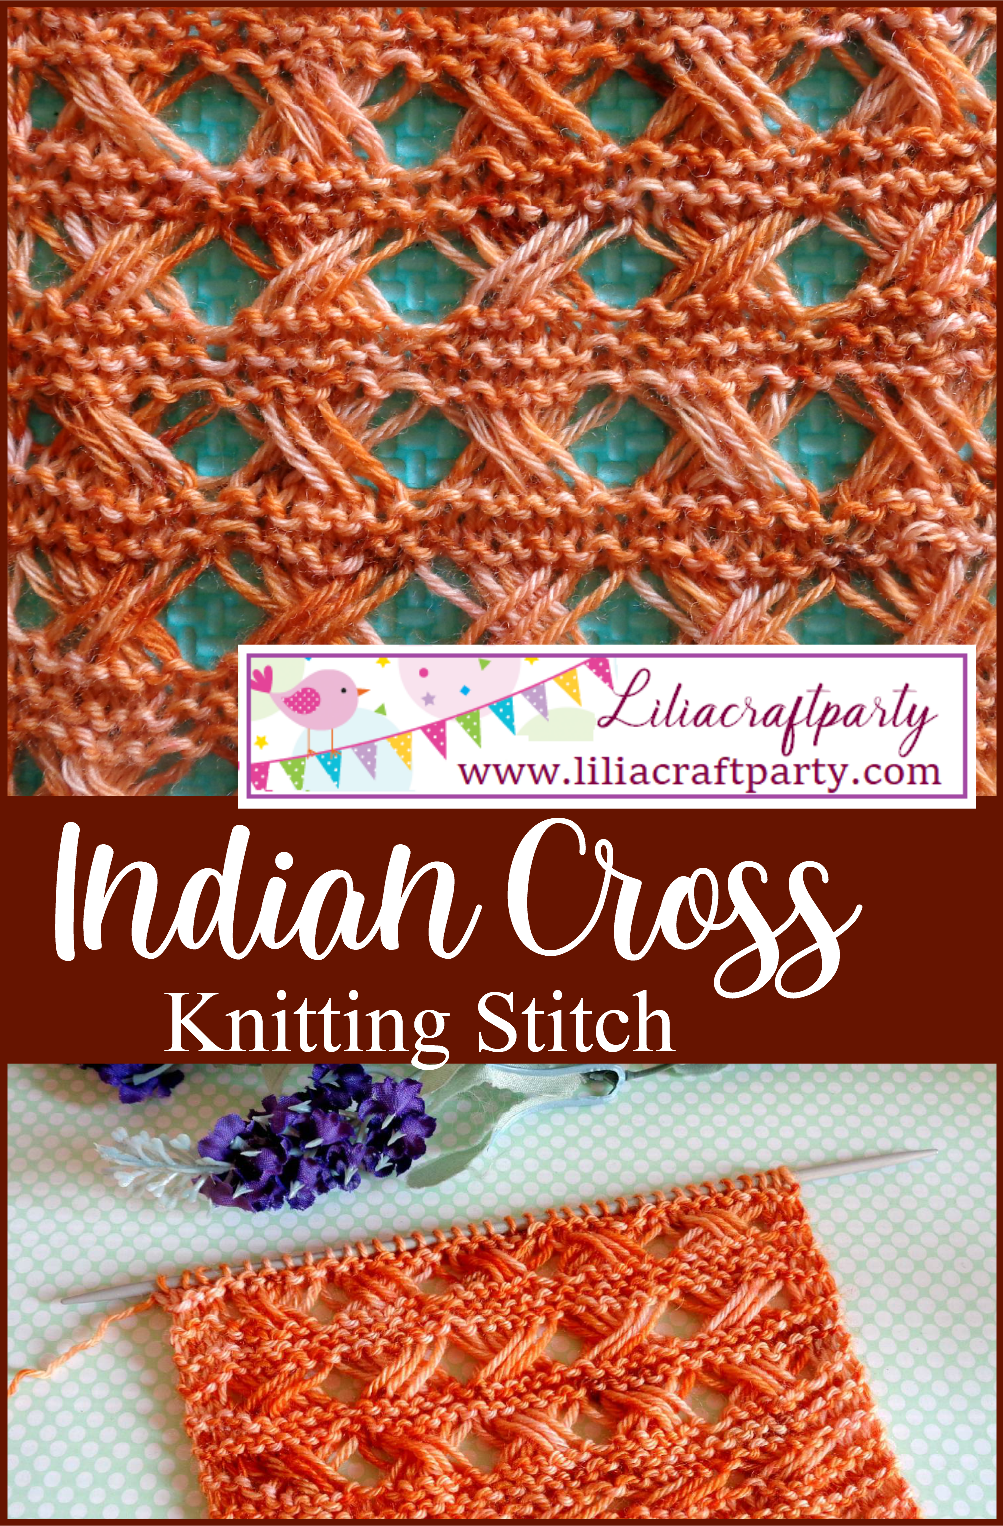 Indian Cross Knitting Stitch